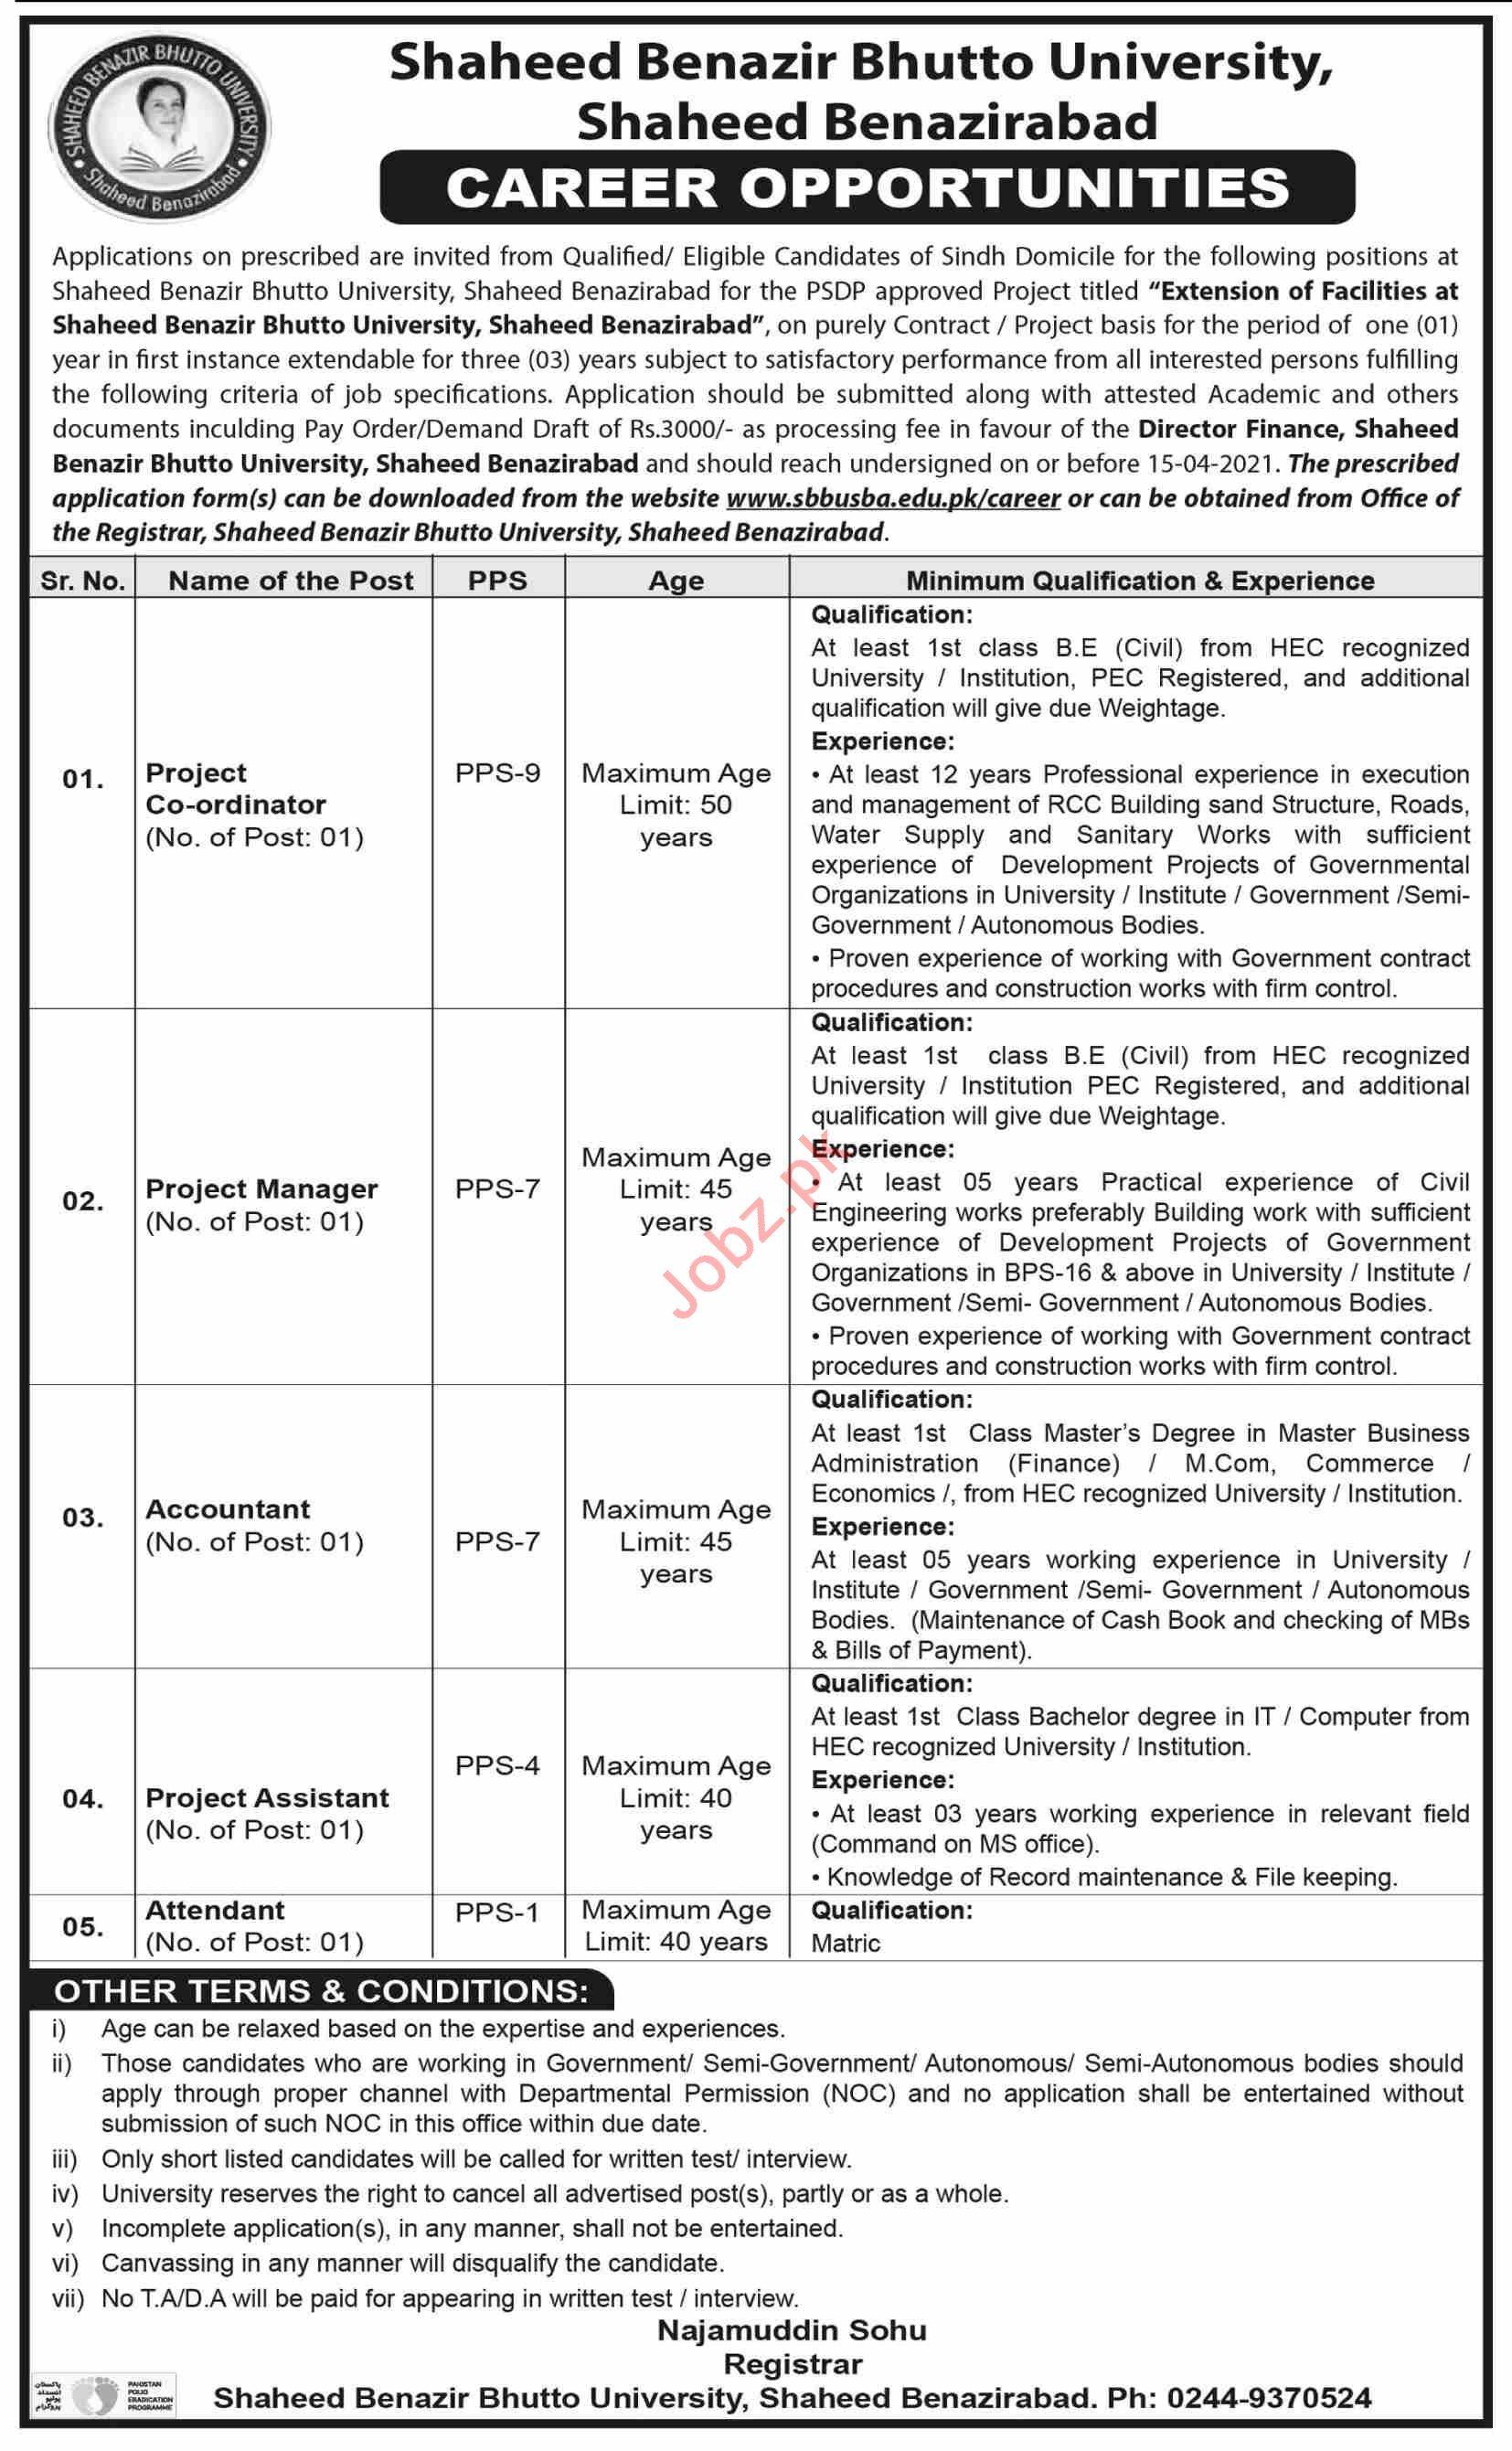 Shaheed Benazir Bhutto University Shaheed Benazirabad Jobs